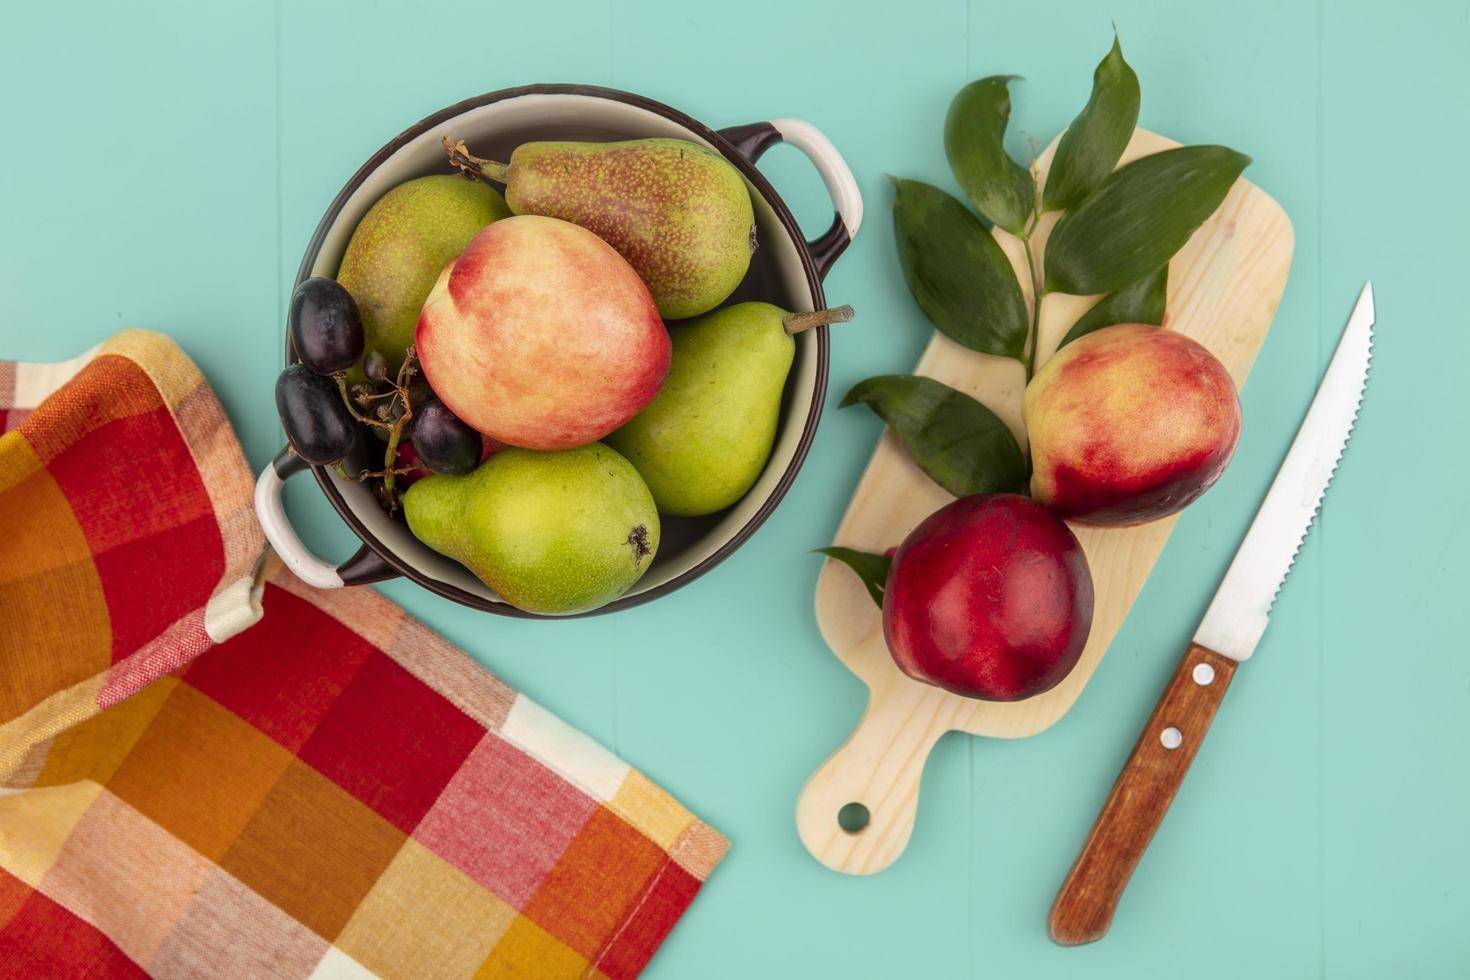 verschiedene Früchte auf stilisiertem blaugrünem Hintergrund foto